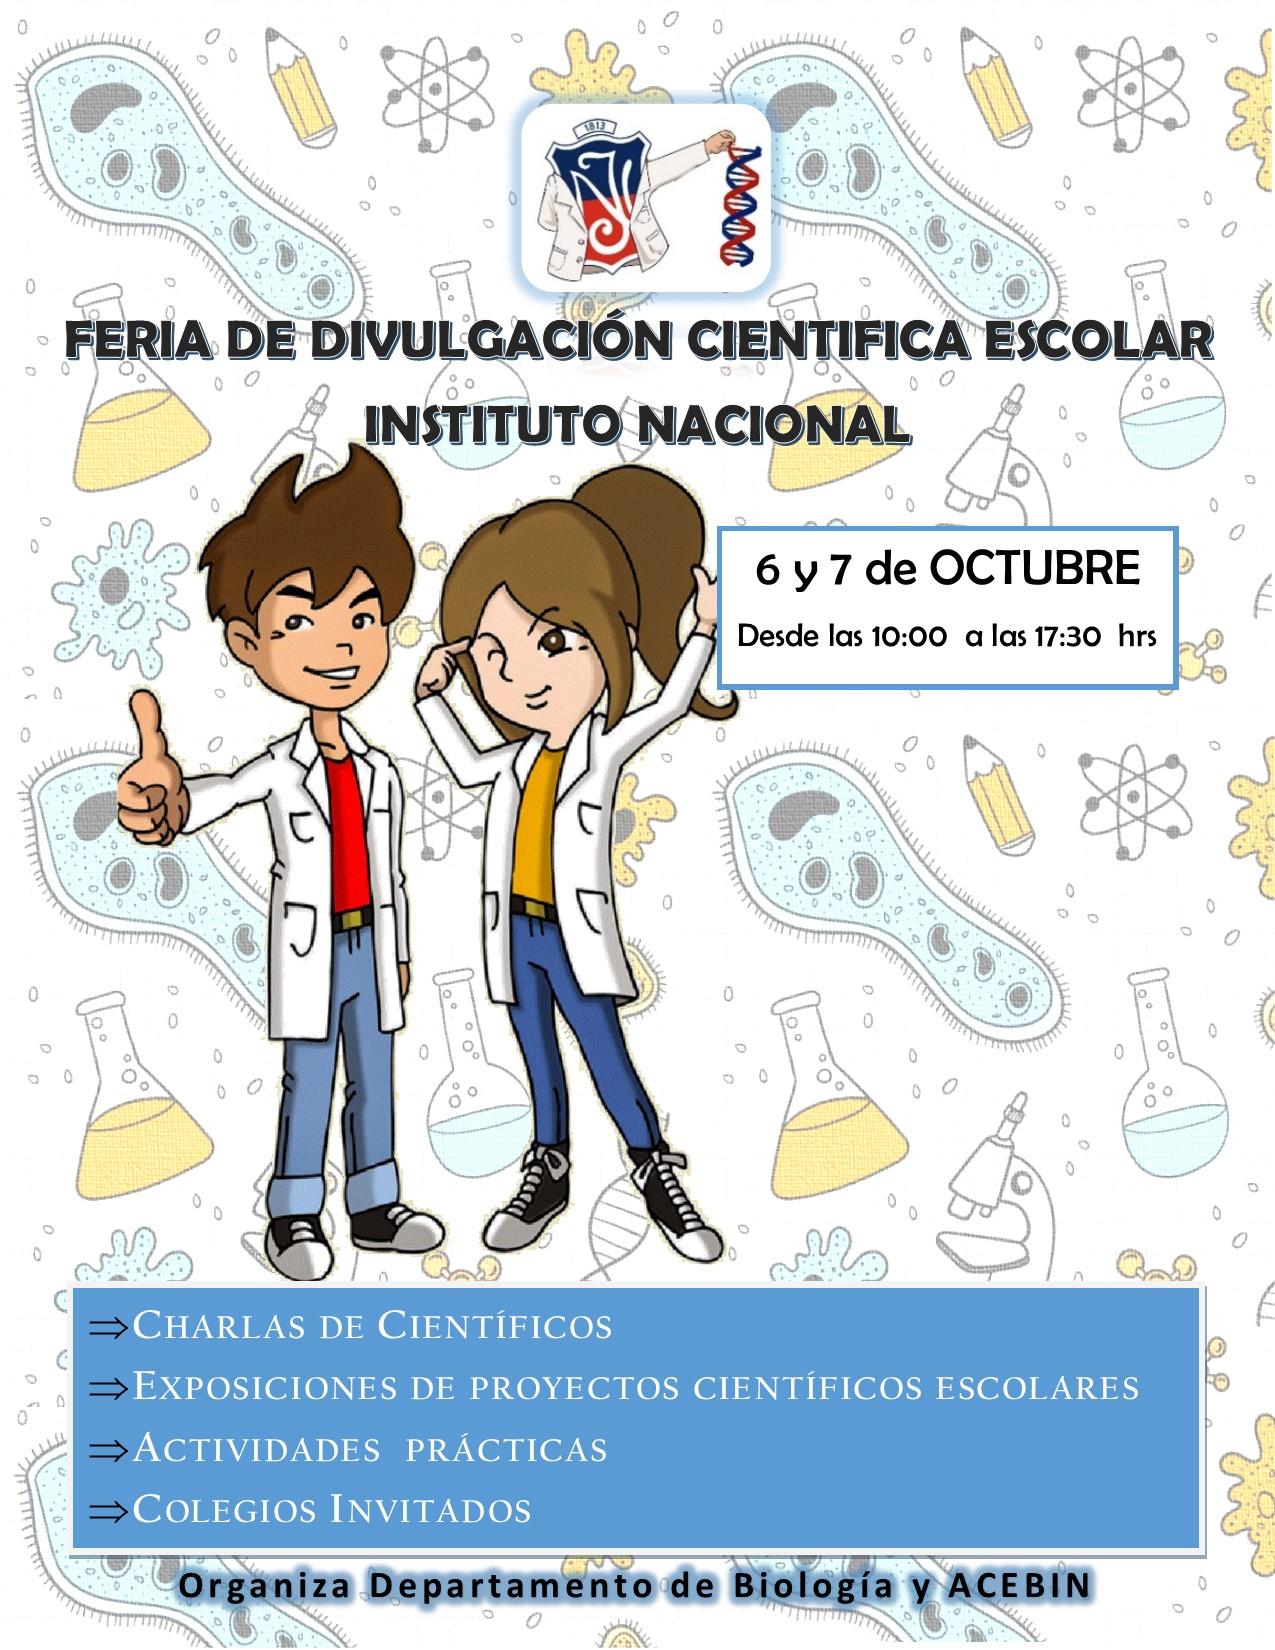 feria-de-divulgacion-cientifica-escolar-2017